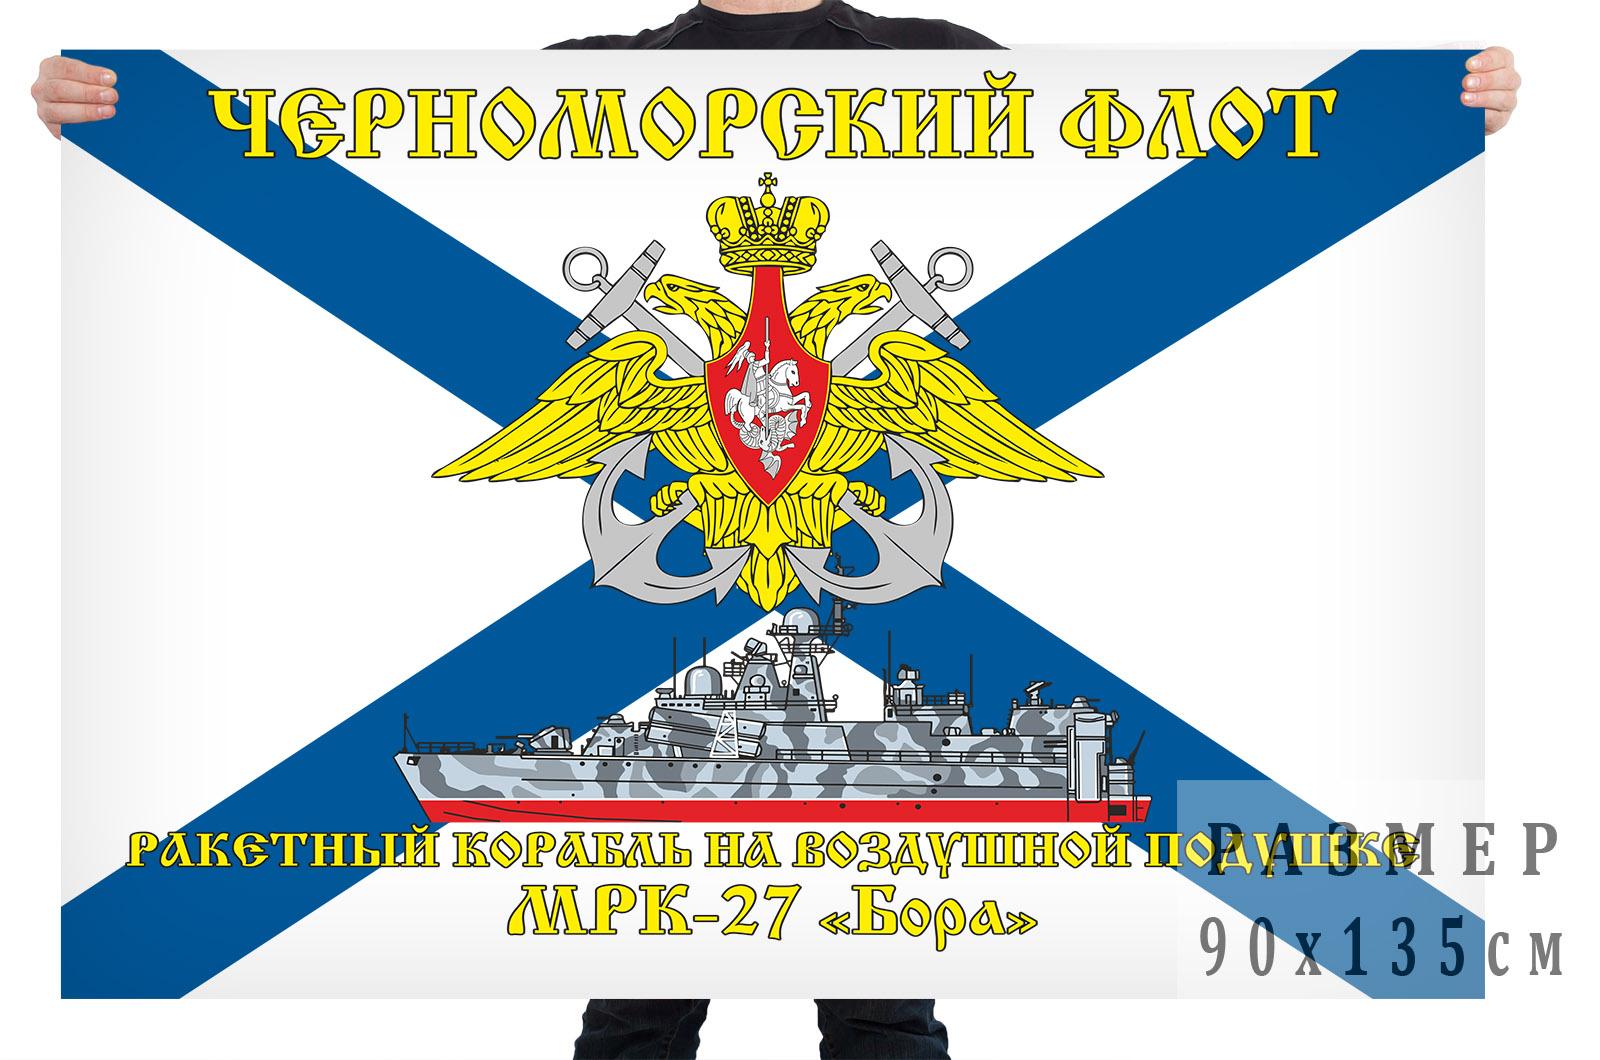 Флаг ракетного корабля на воздушной подушке МРК-27 Бора